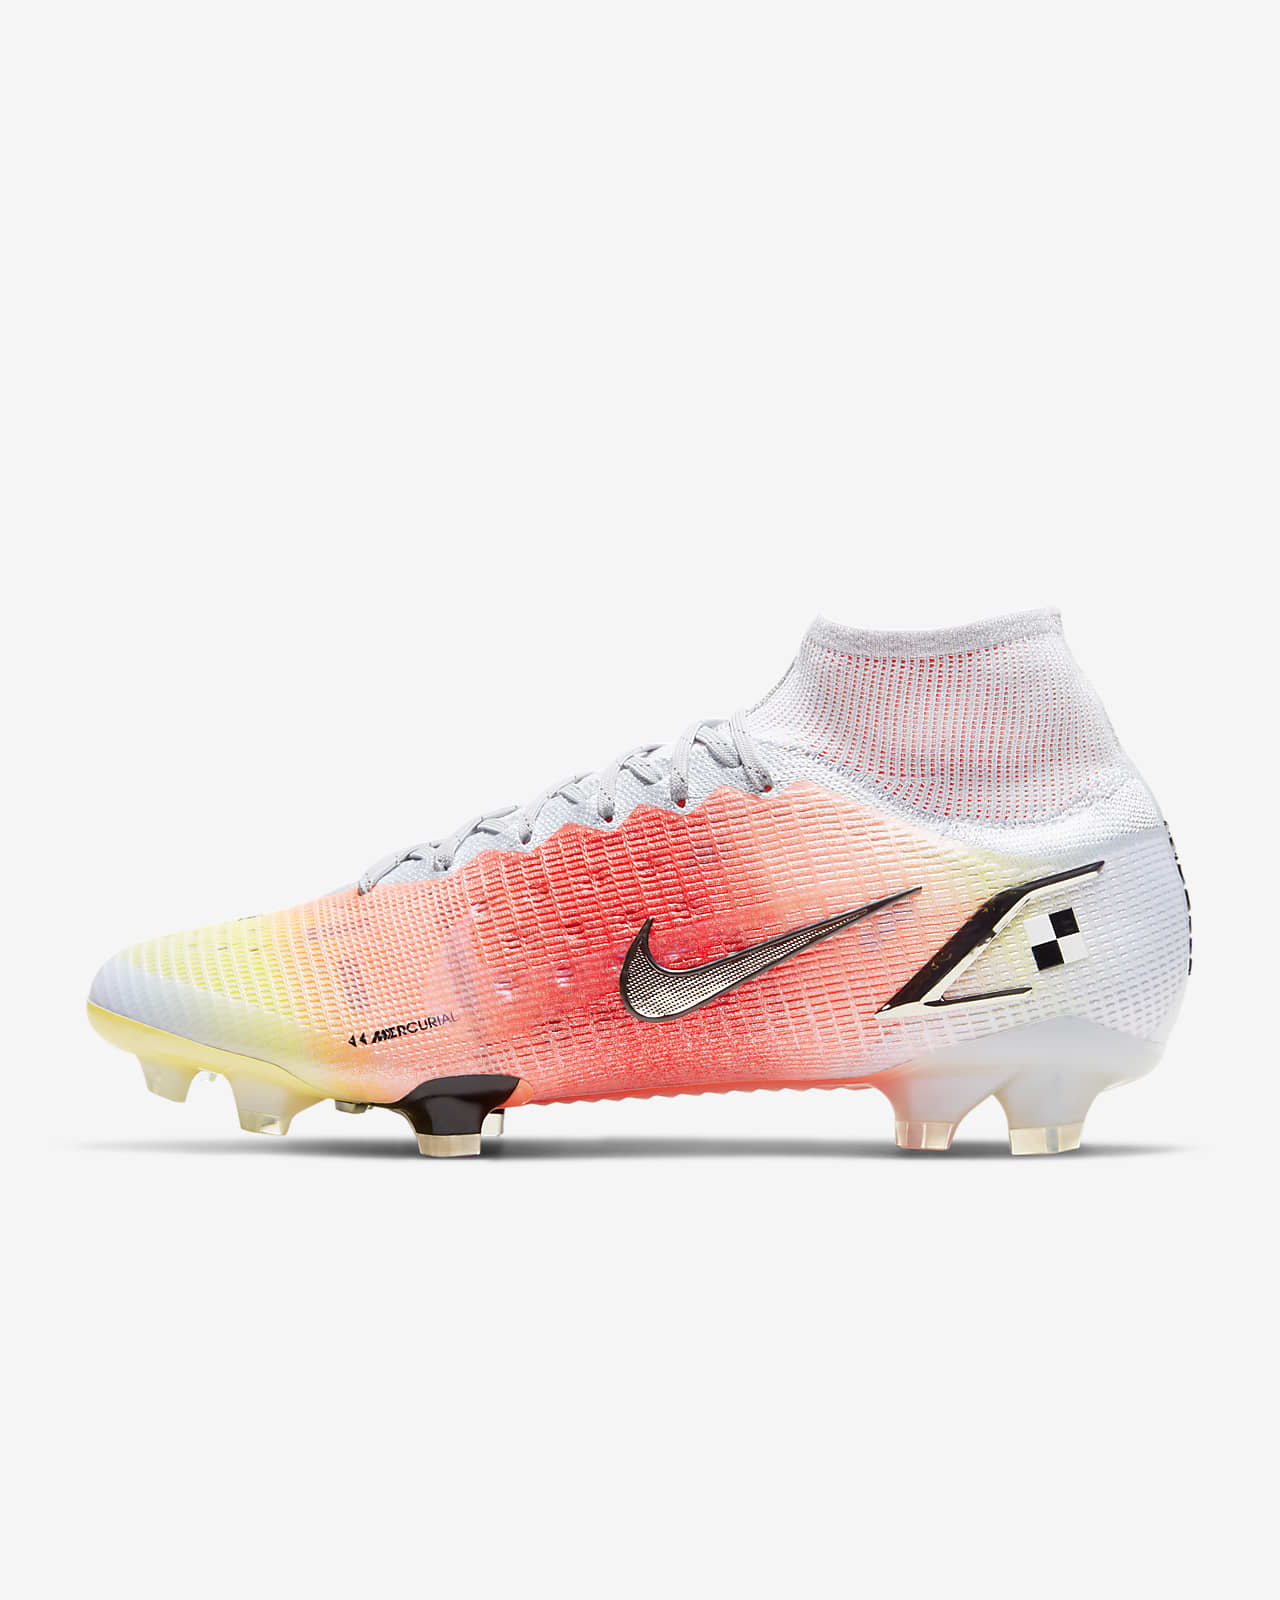 Nike Mercurial Dream Speed Superfly 8 Elite FG Fußballschuh für normalen Rasen